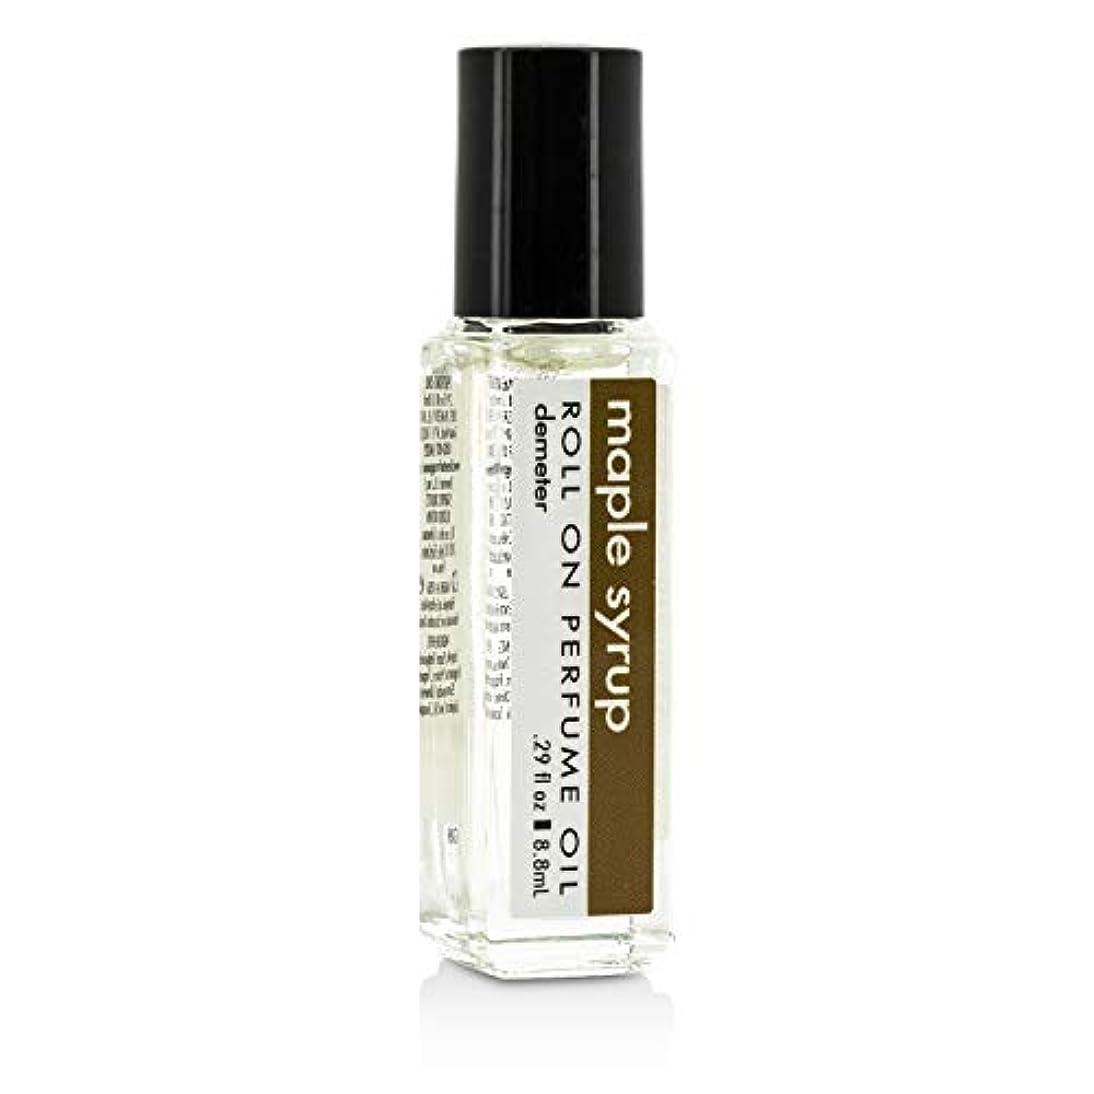 シャワーさらに虐待ディメーター Maple Syrup Roll On Perfume Oil 8.8ml/0.29oz並行輸入品